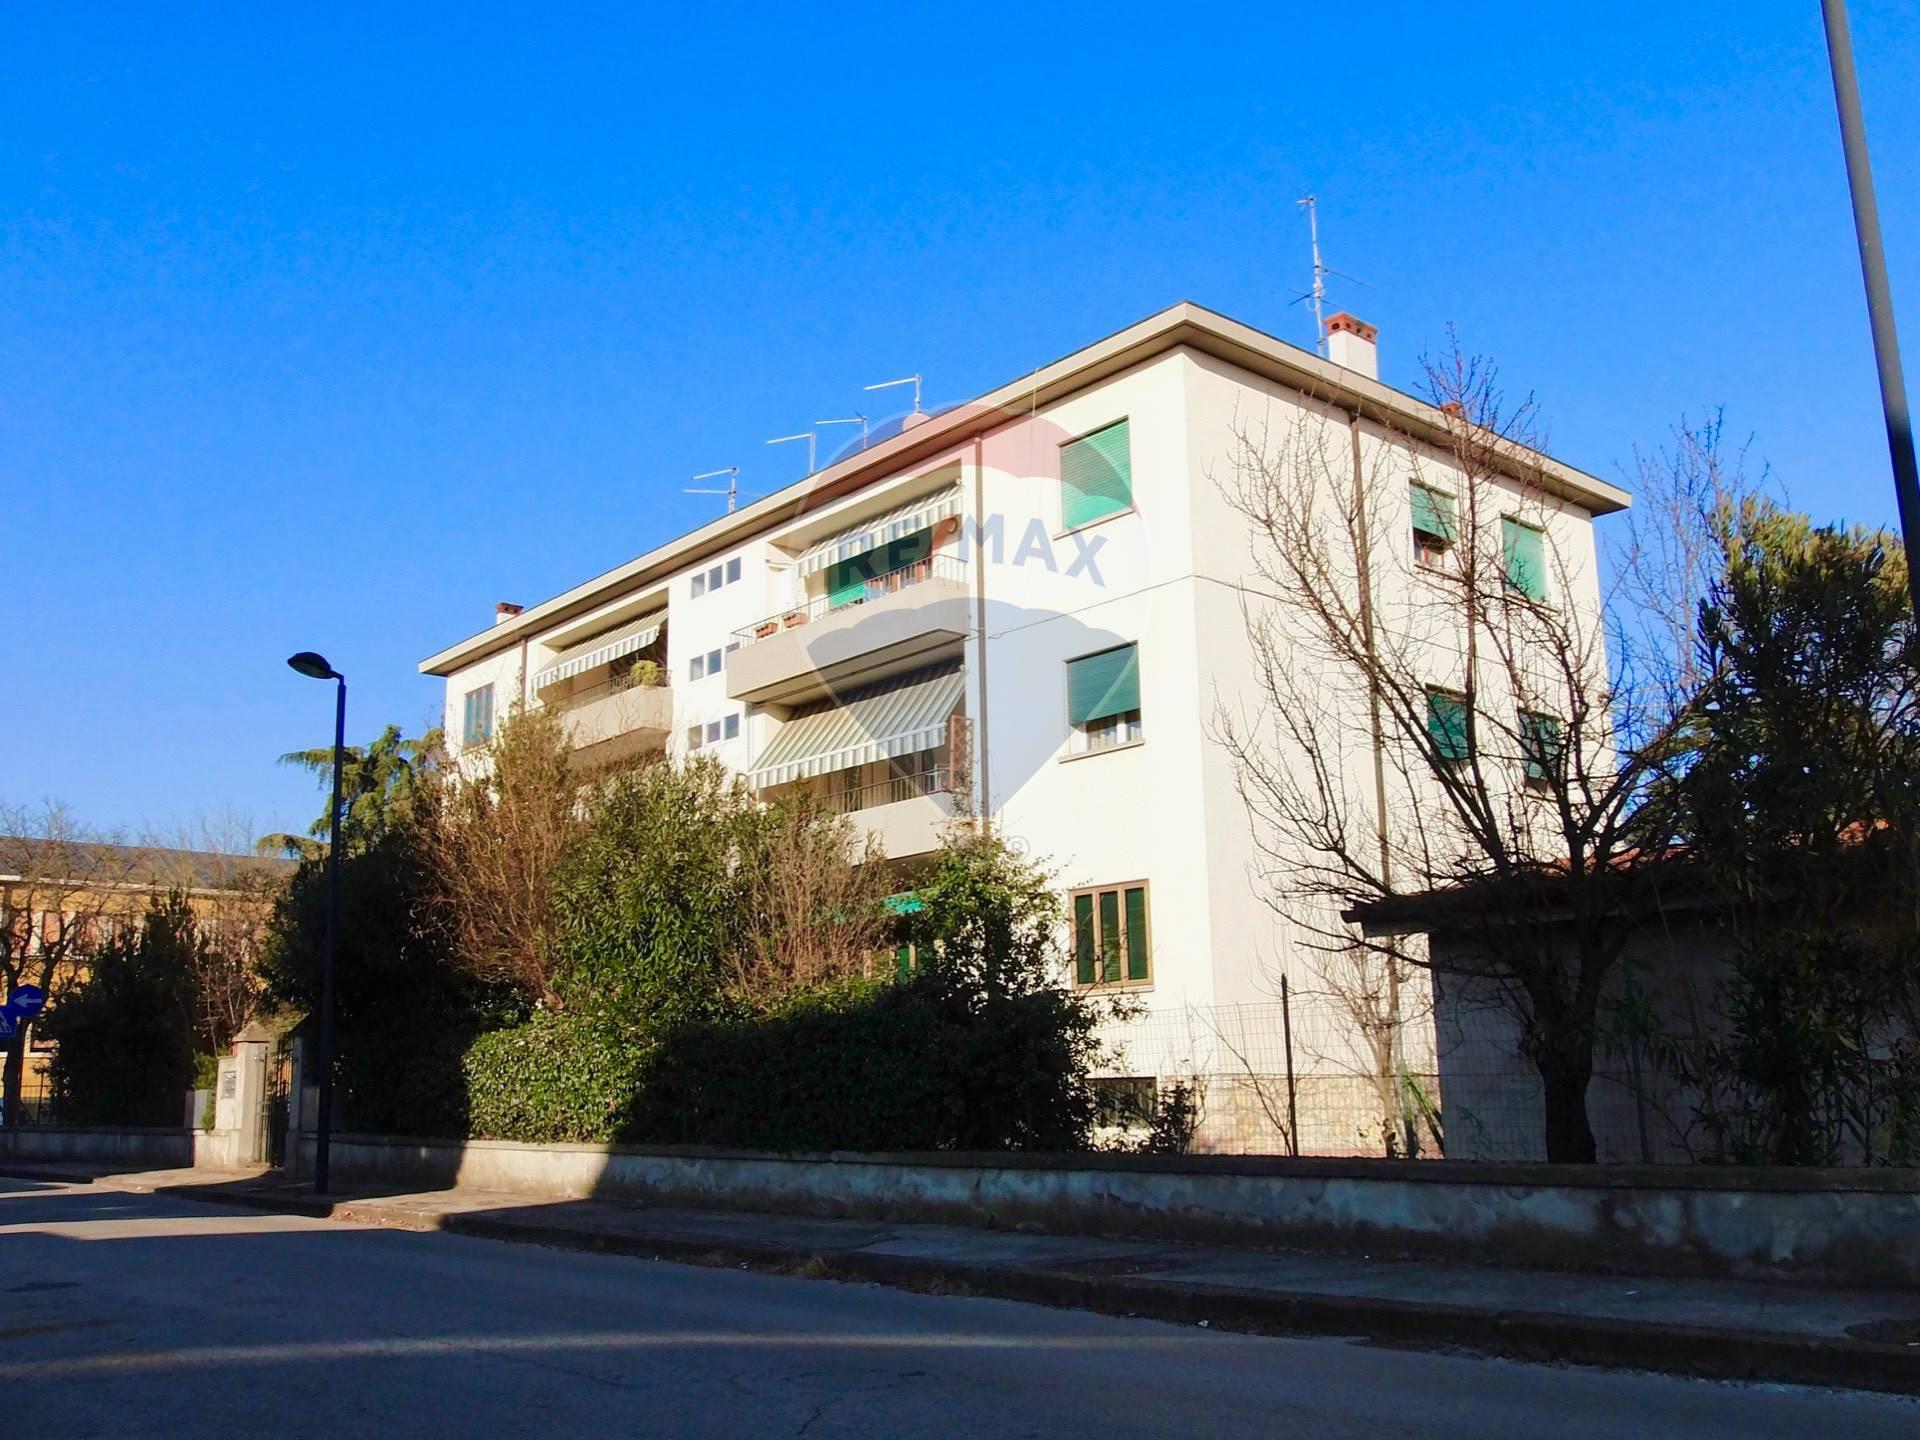 Appartamento in vendita a Noventa Vicentina, 6 locali, prezzo € 110.000 | CambioCasa.it